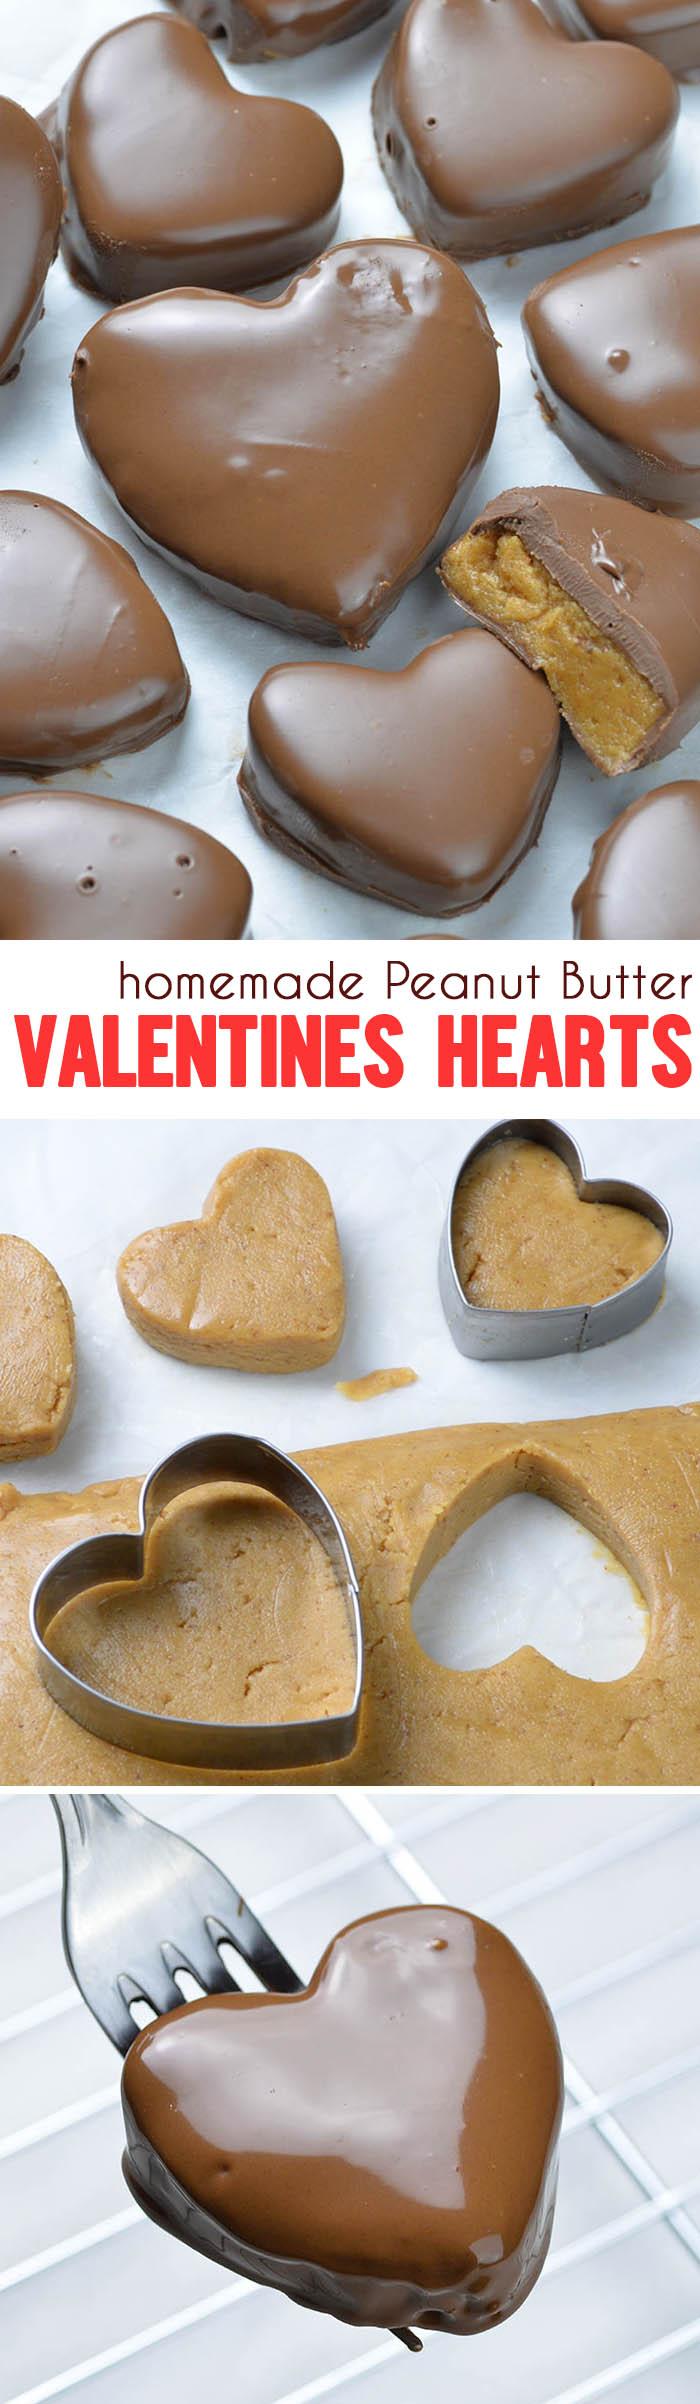 Сердце Валентина шоколадное в арахисовом масле